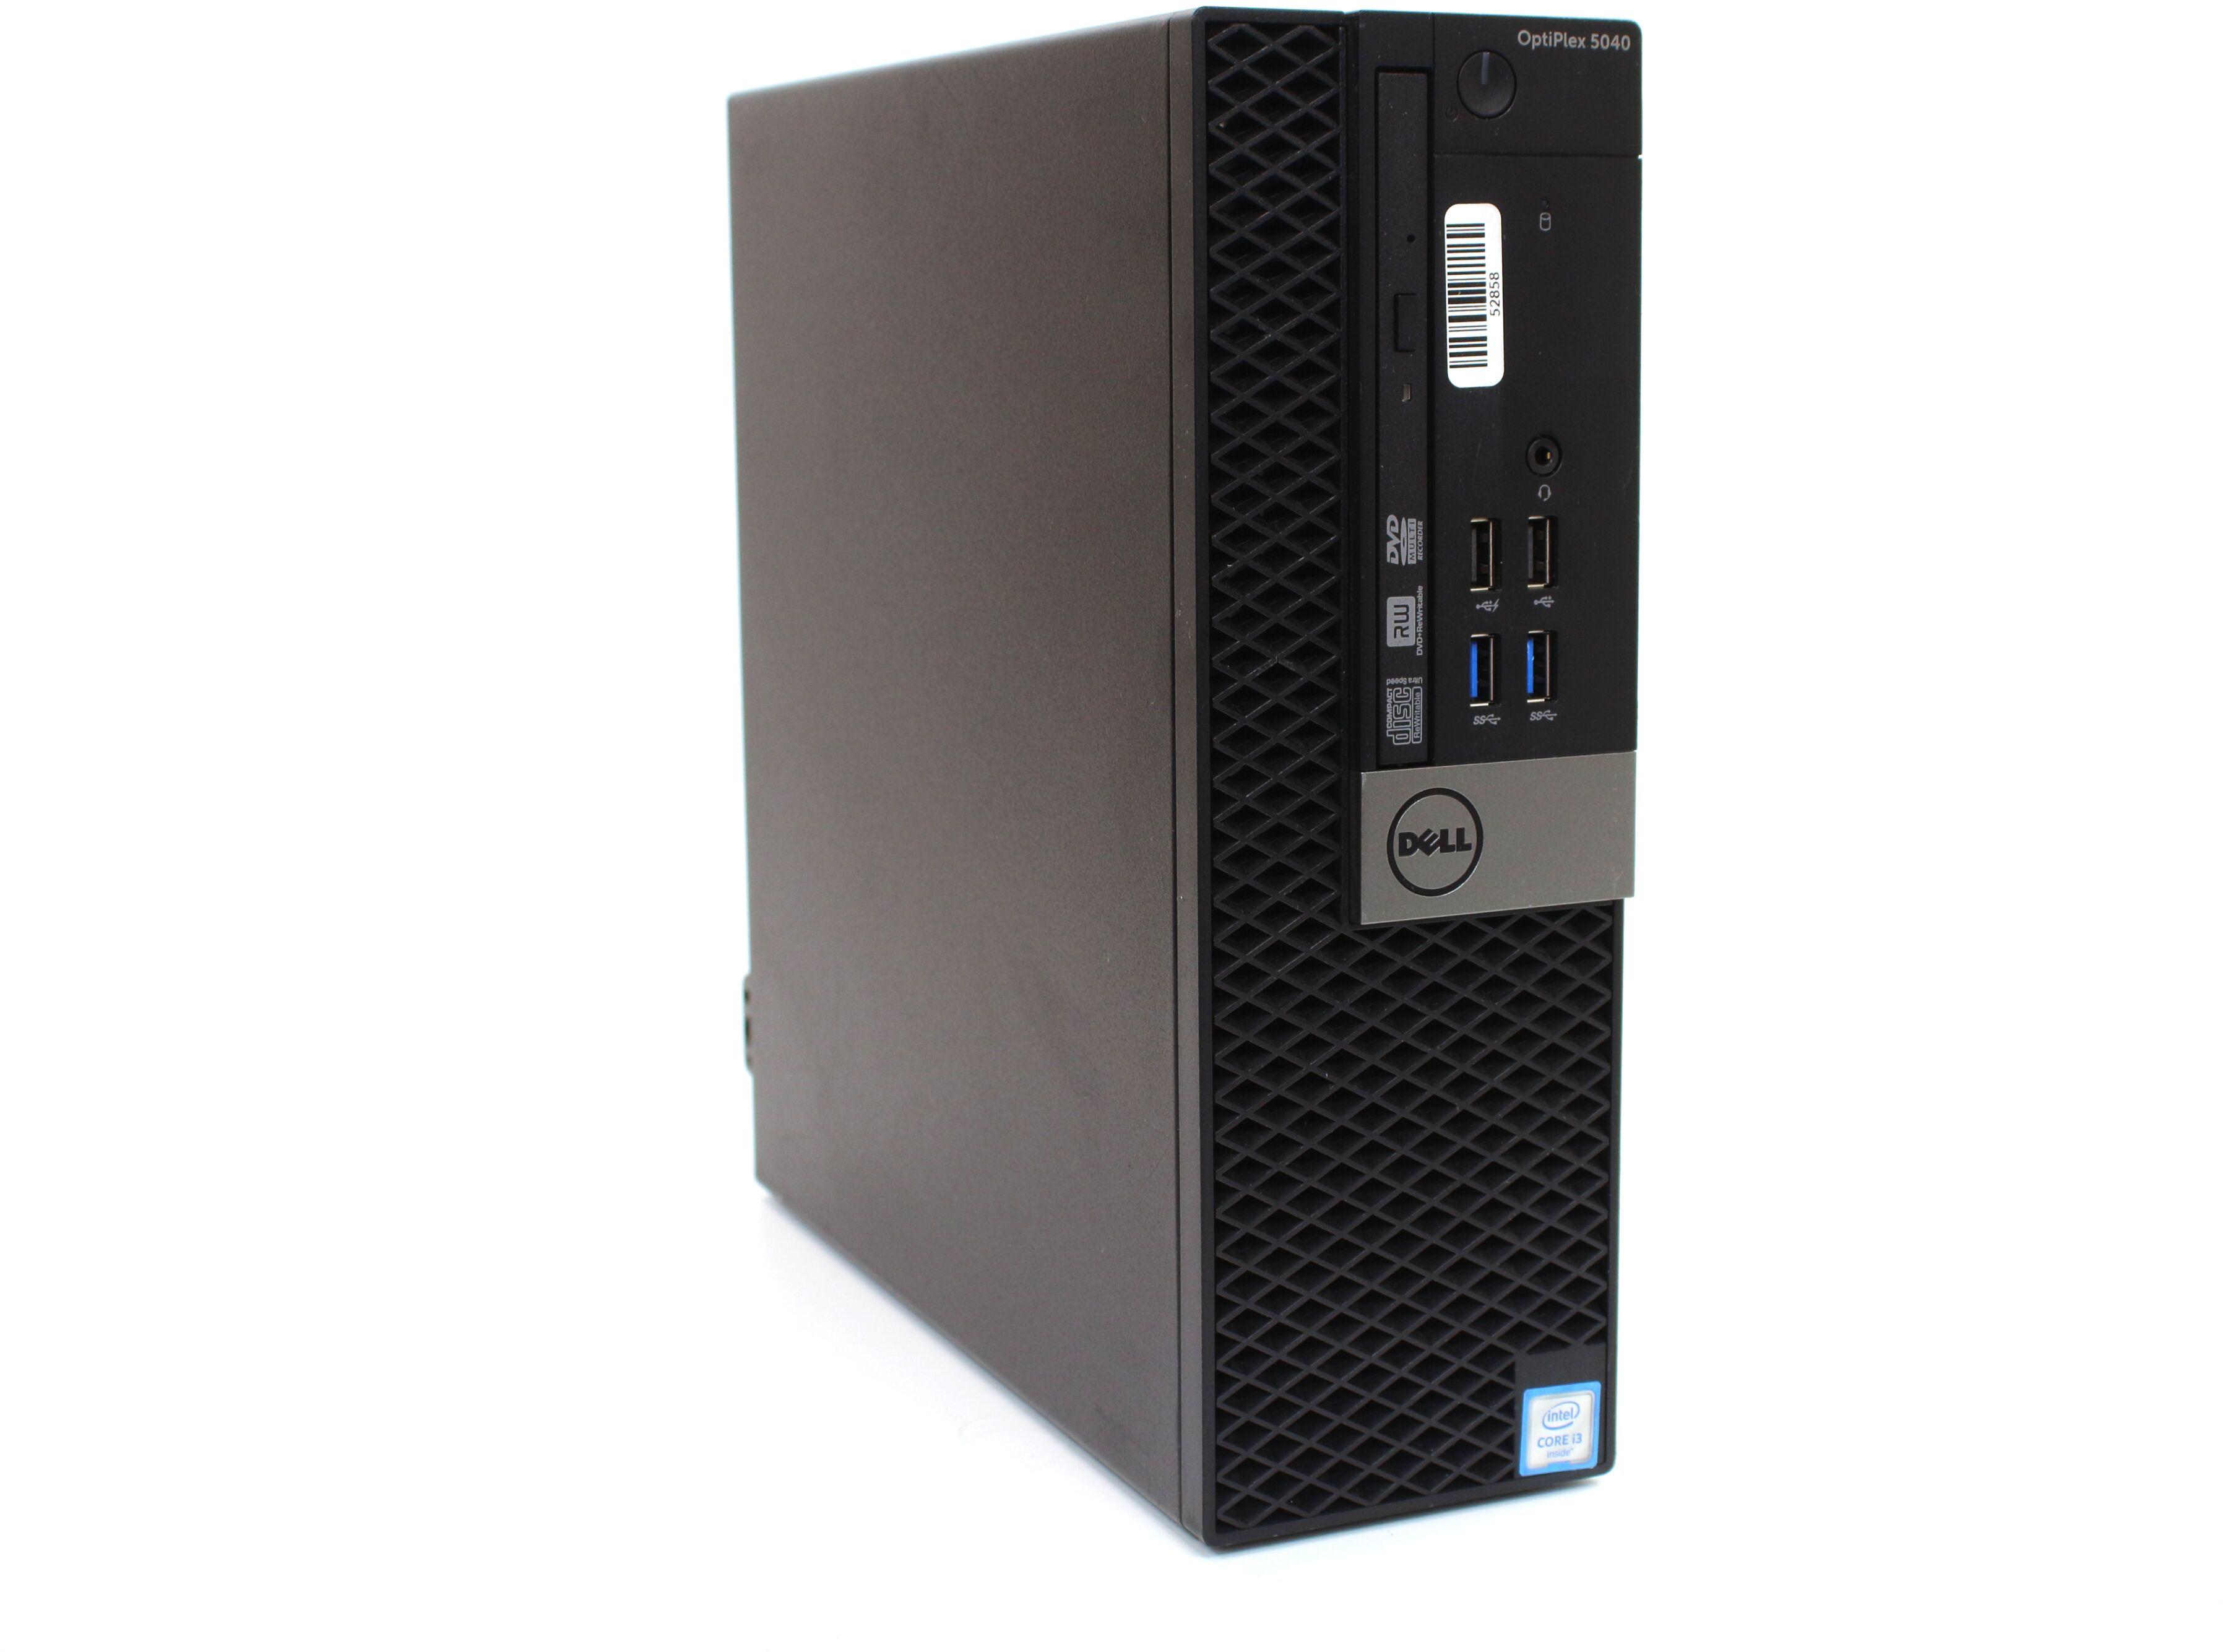 Komputer Dell OptiPlex 5040 SFF i5-6600T 4x3,50GHz 8GB 256GB SSD DVDRW Windows 10 Professional